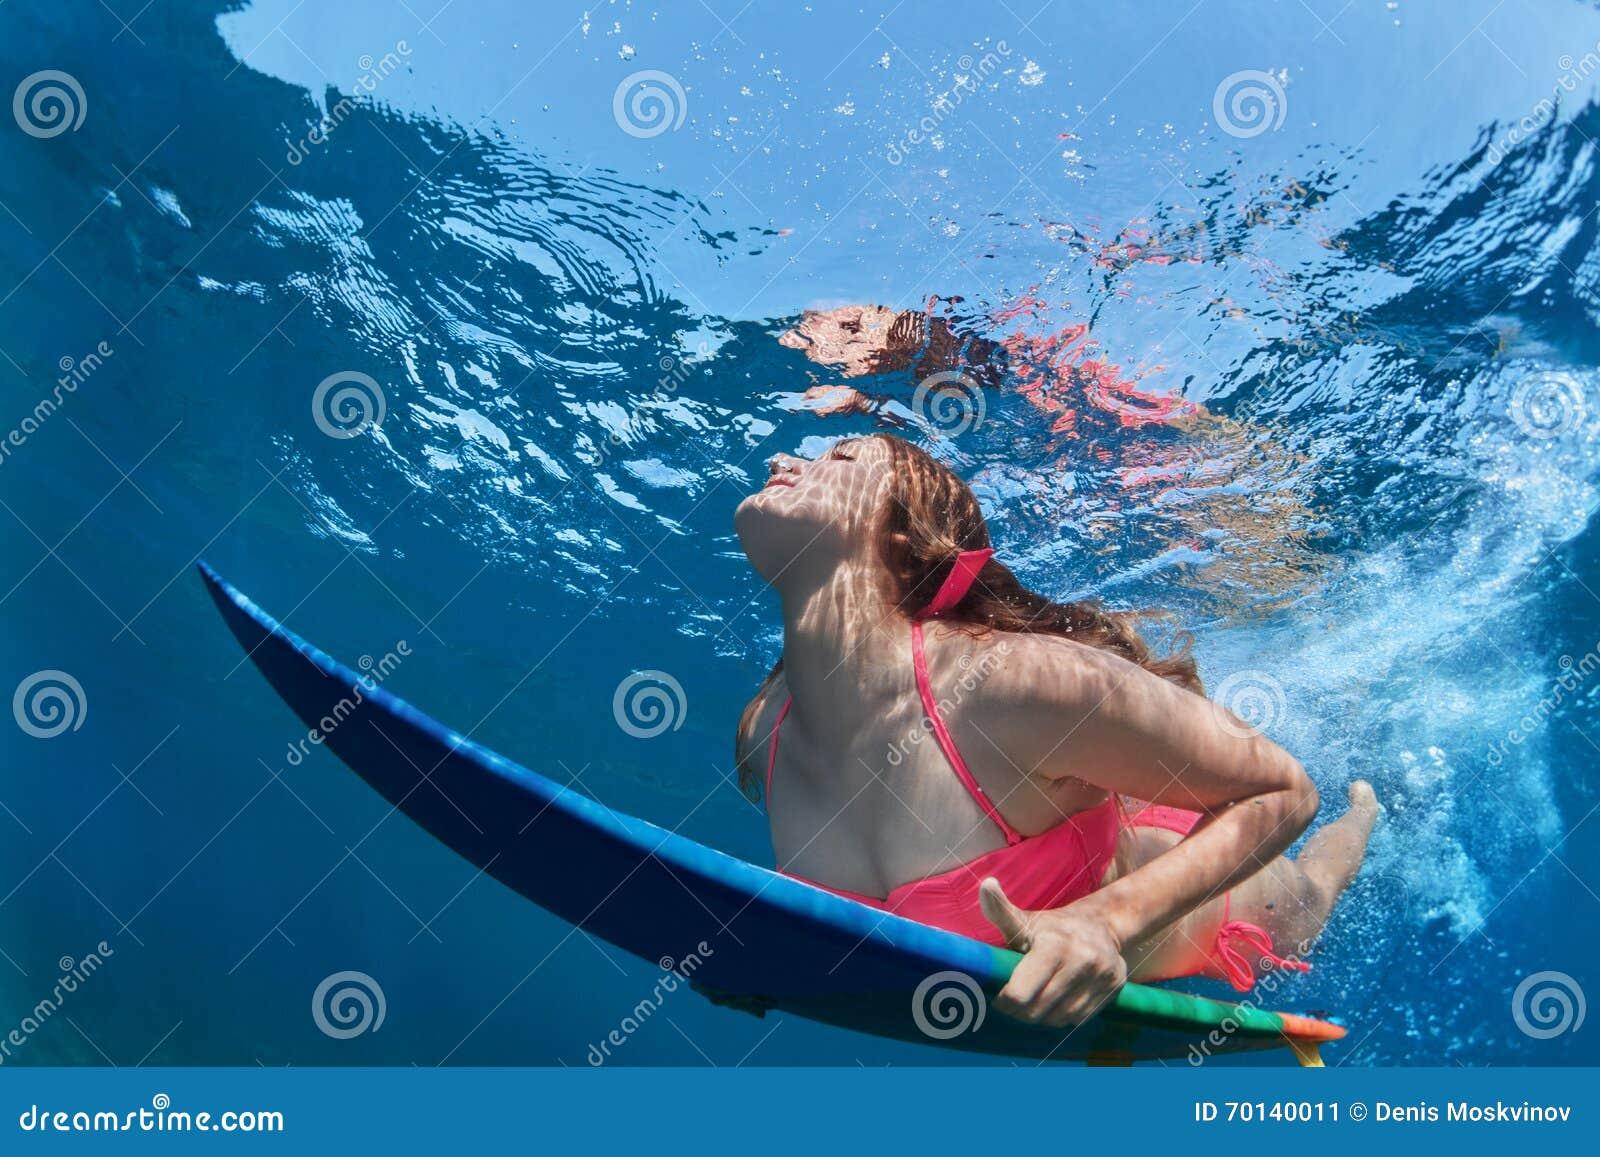 A menina surfando com placa mergulha sob a onda de oceano